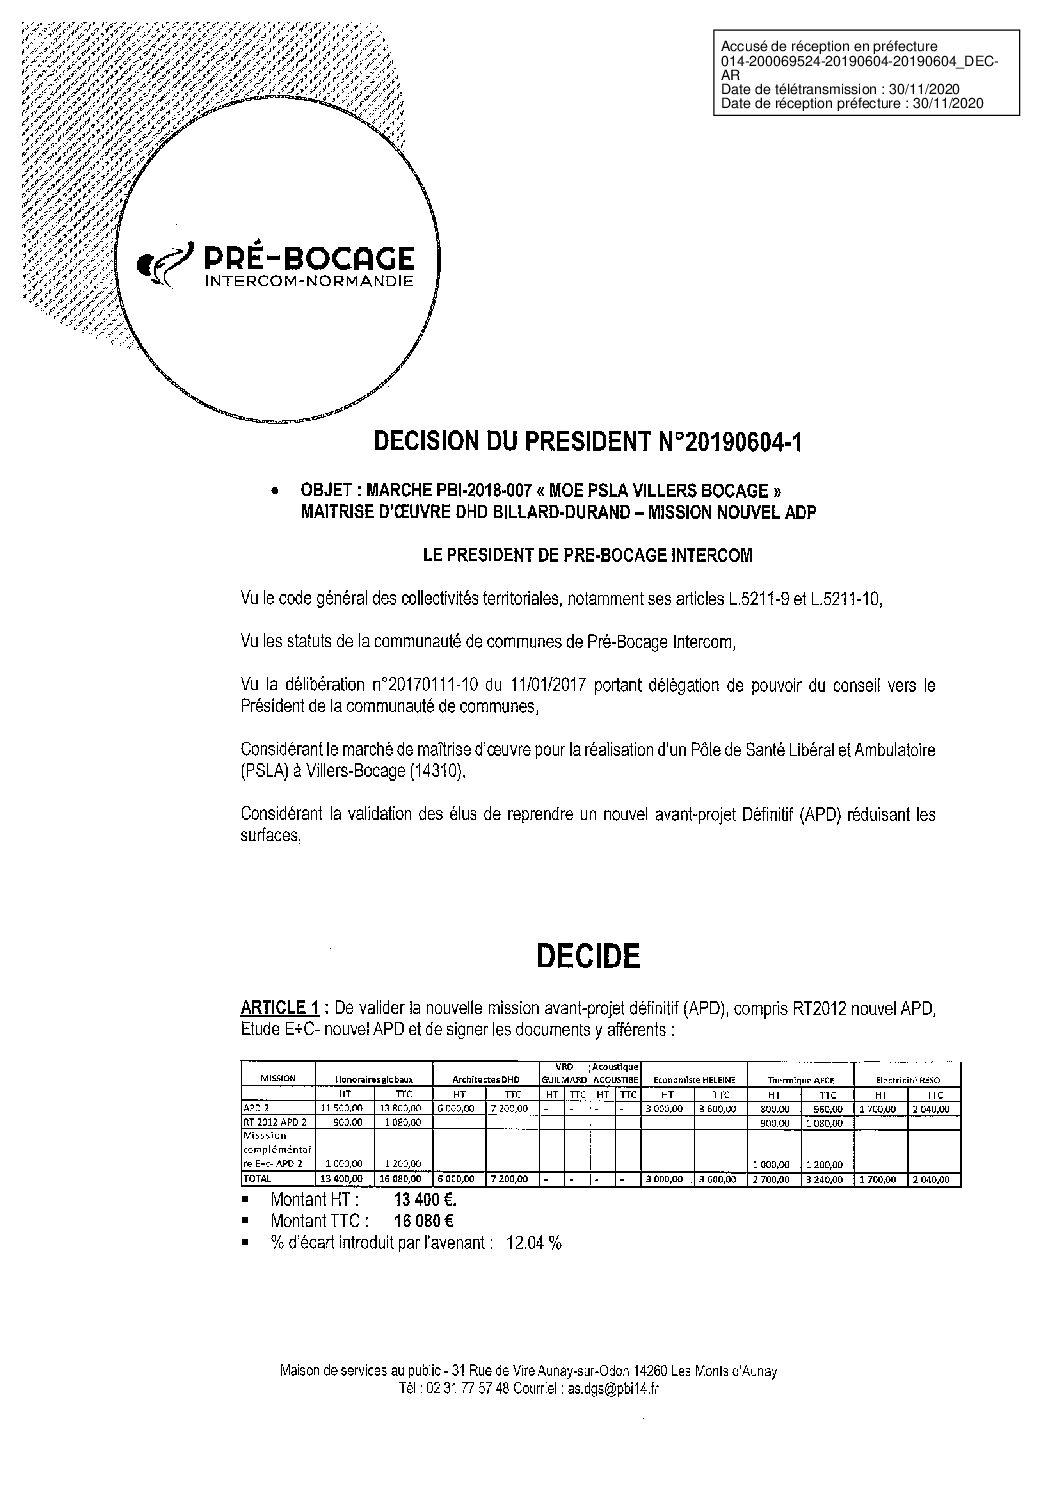 Décision déléguée du 4 juin 2019